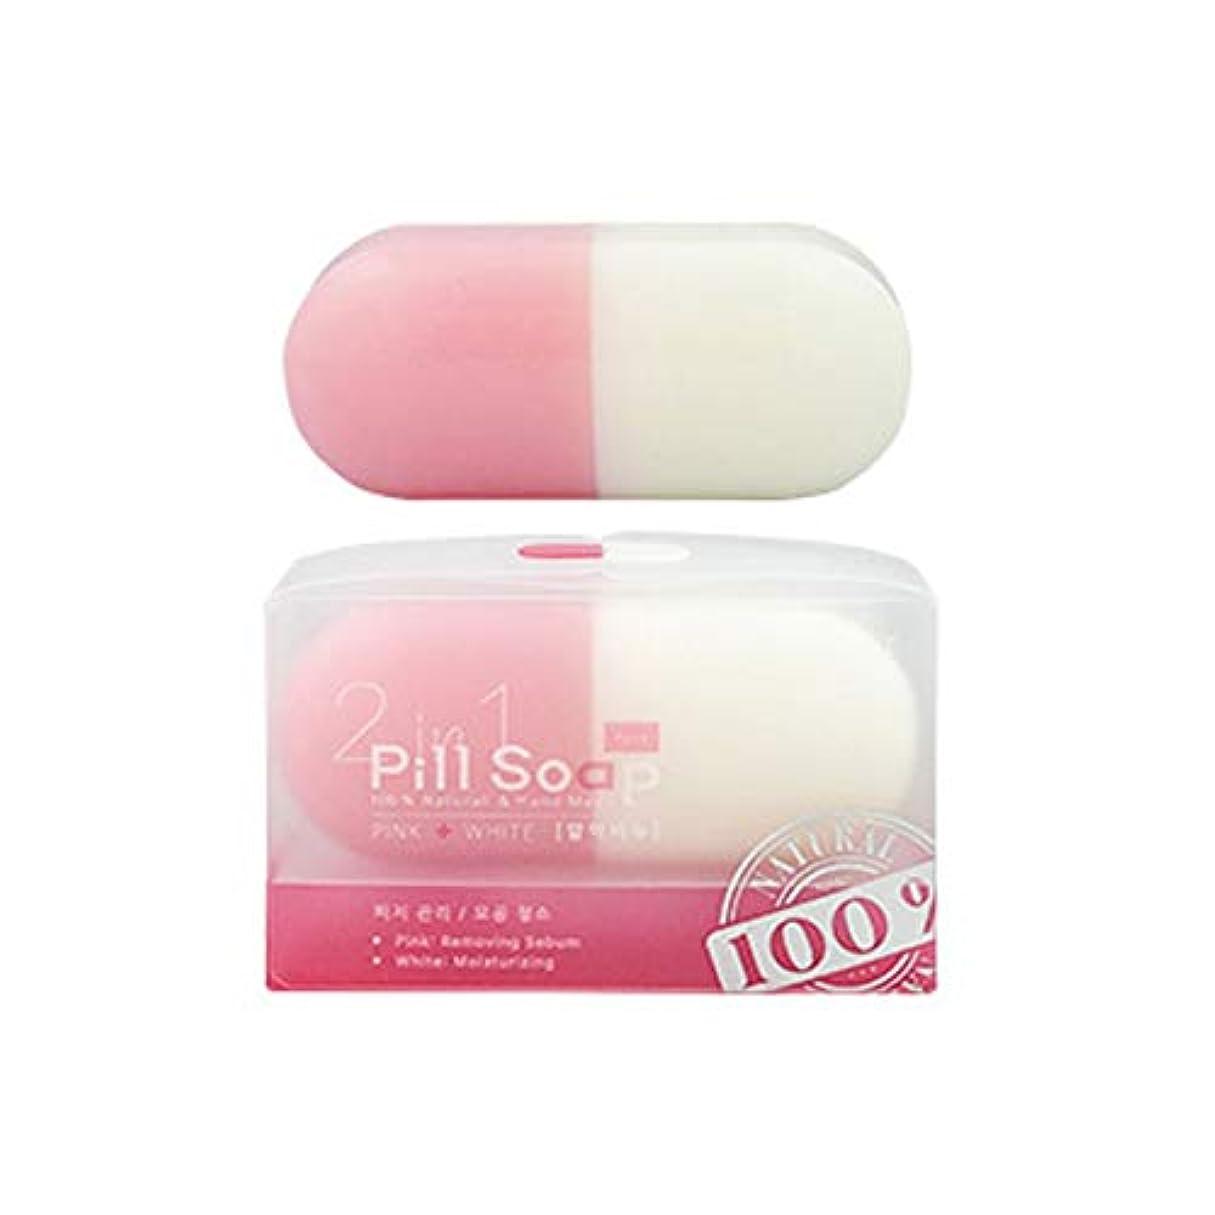 夜間敵対的ケントMINI RABBIT ミニラビット カプセルソープ 100g 韓国コスメ 皮脂 角質 美白 石けん ピンク